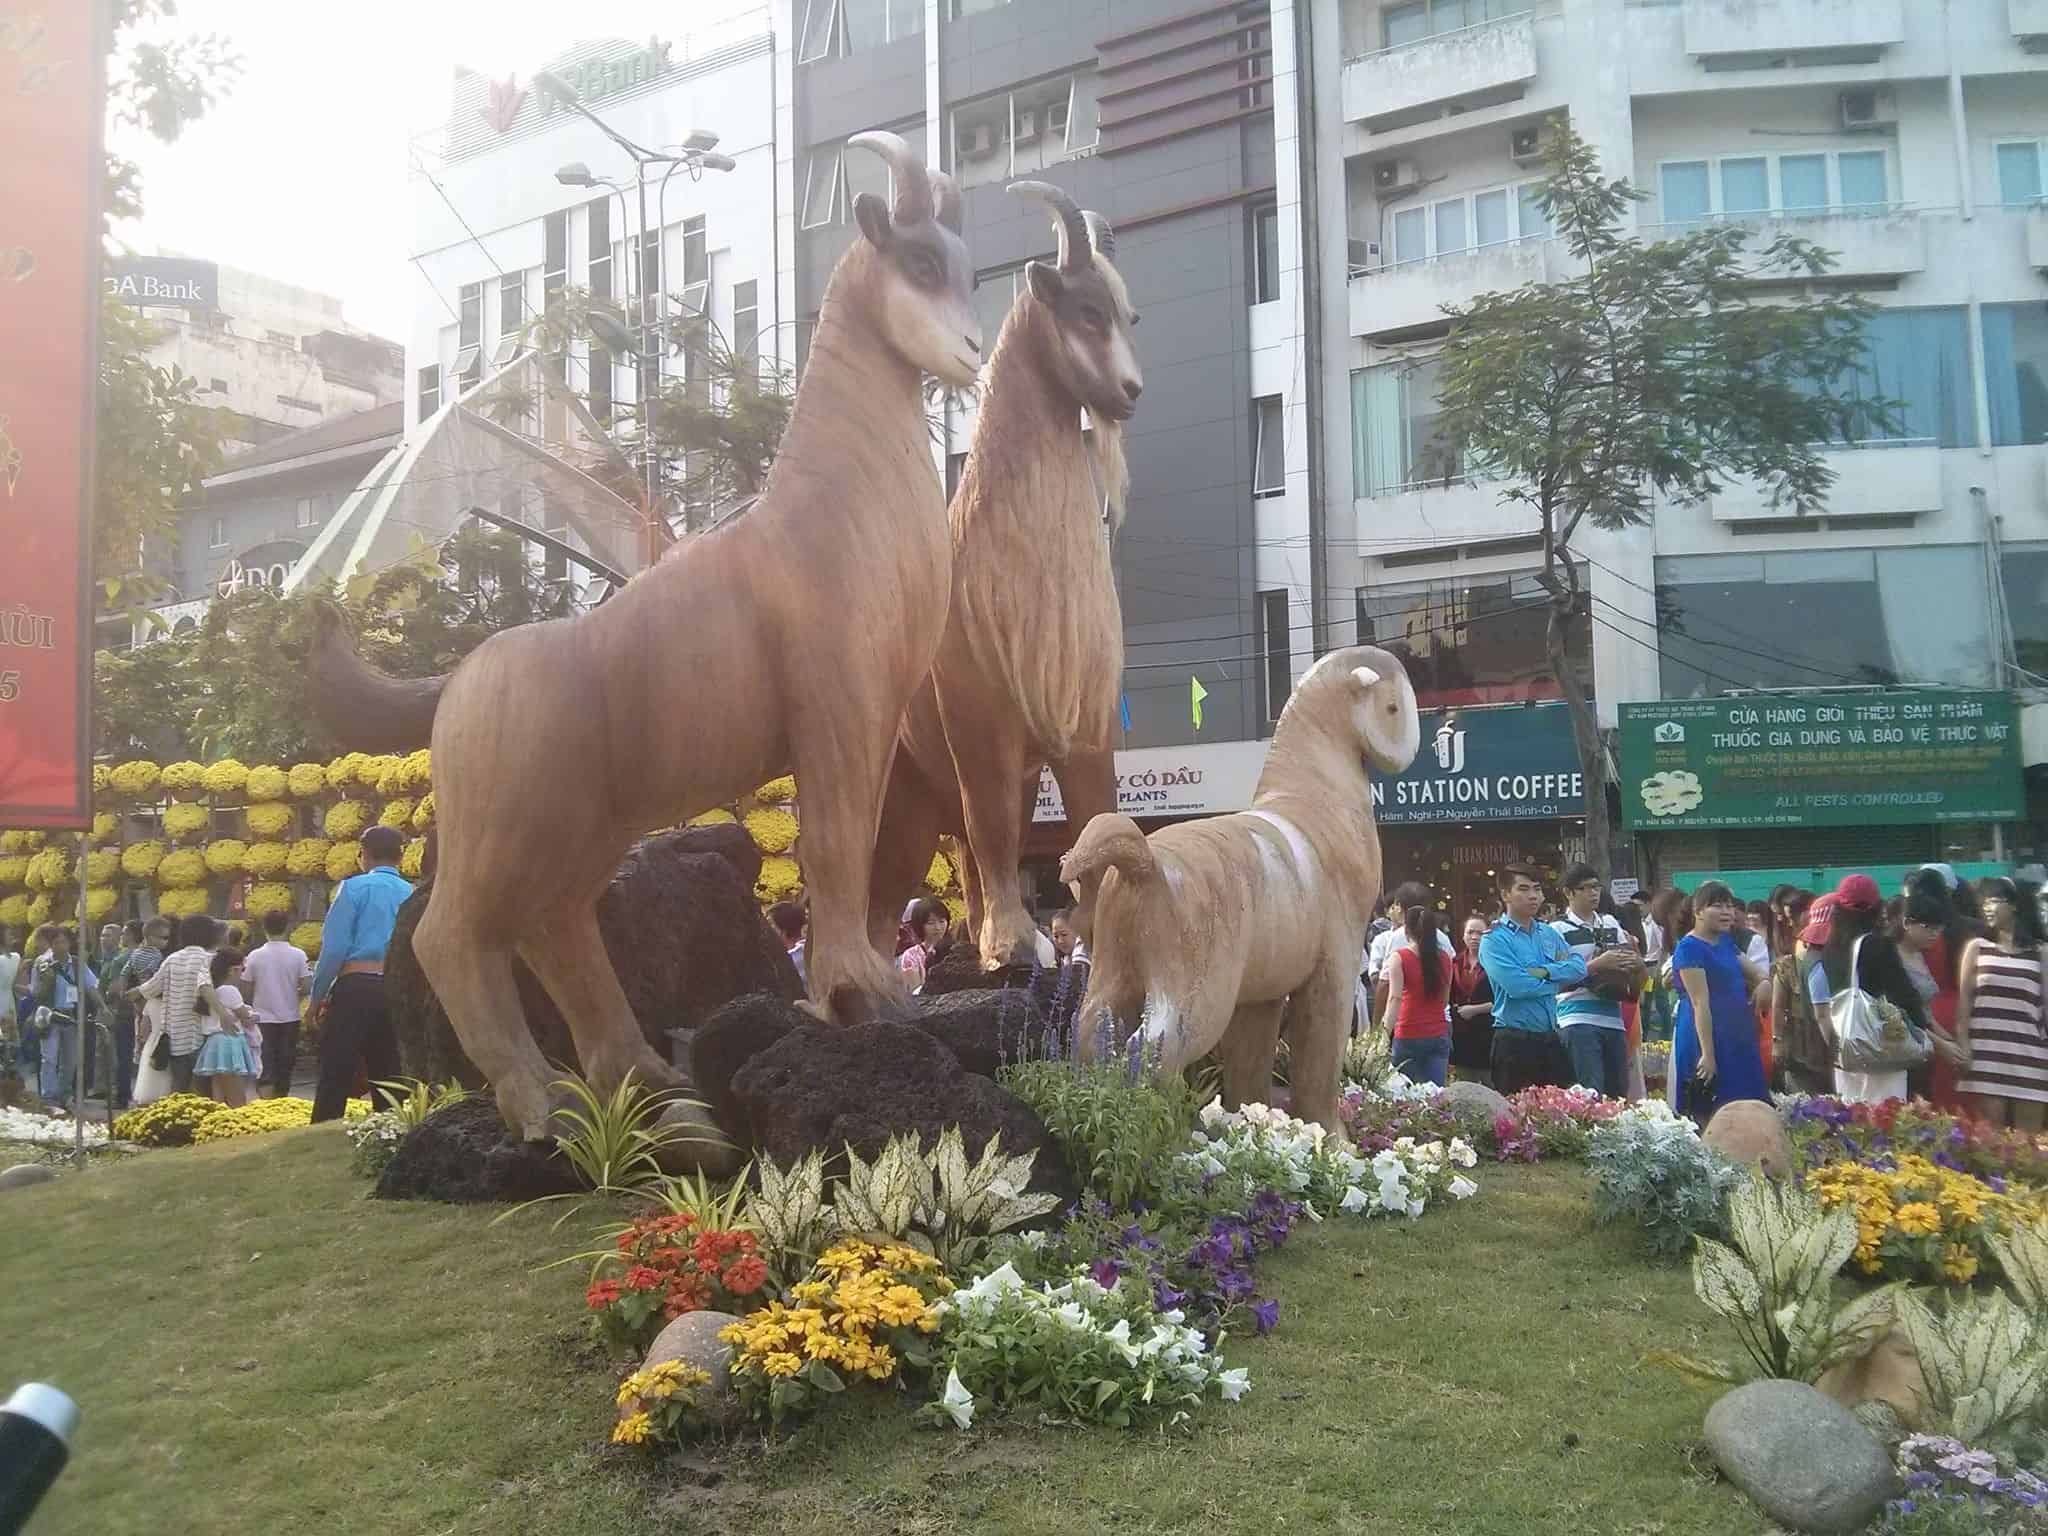 15 - Đường hoa Nguyễn Huệ tại Sài Gòn - TPHCM ở đâu, năm nay có gì mới?